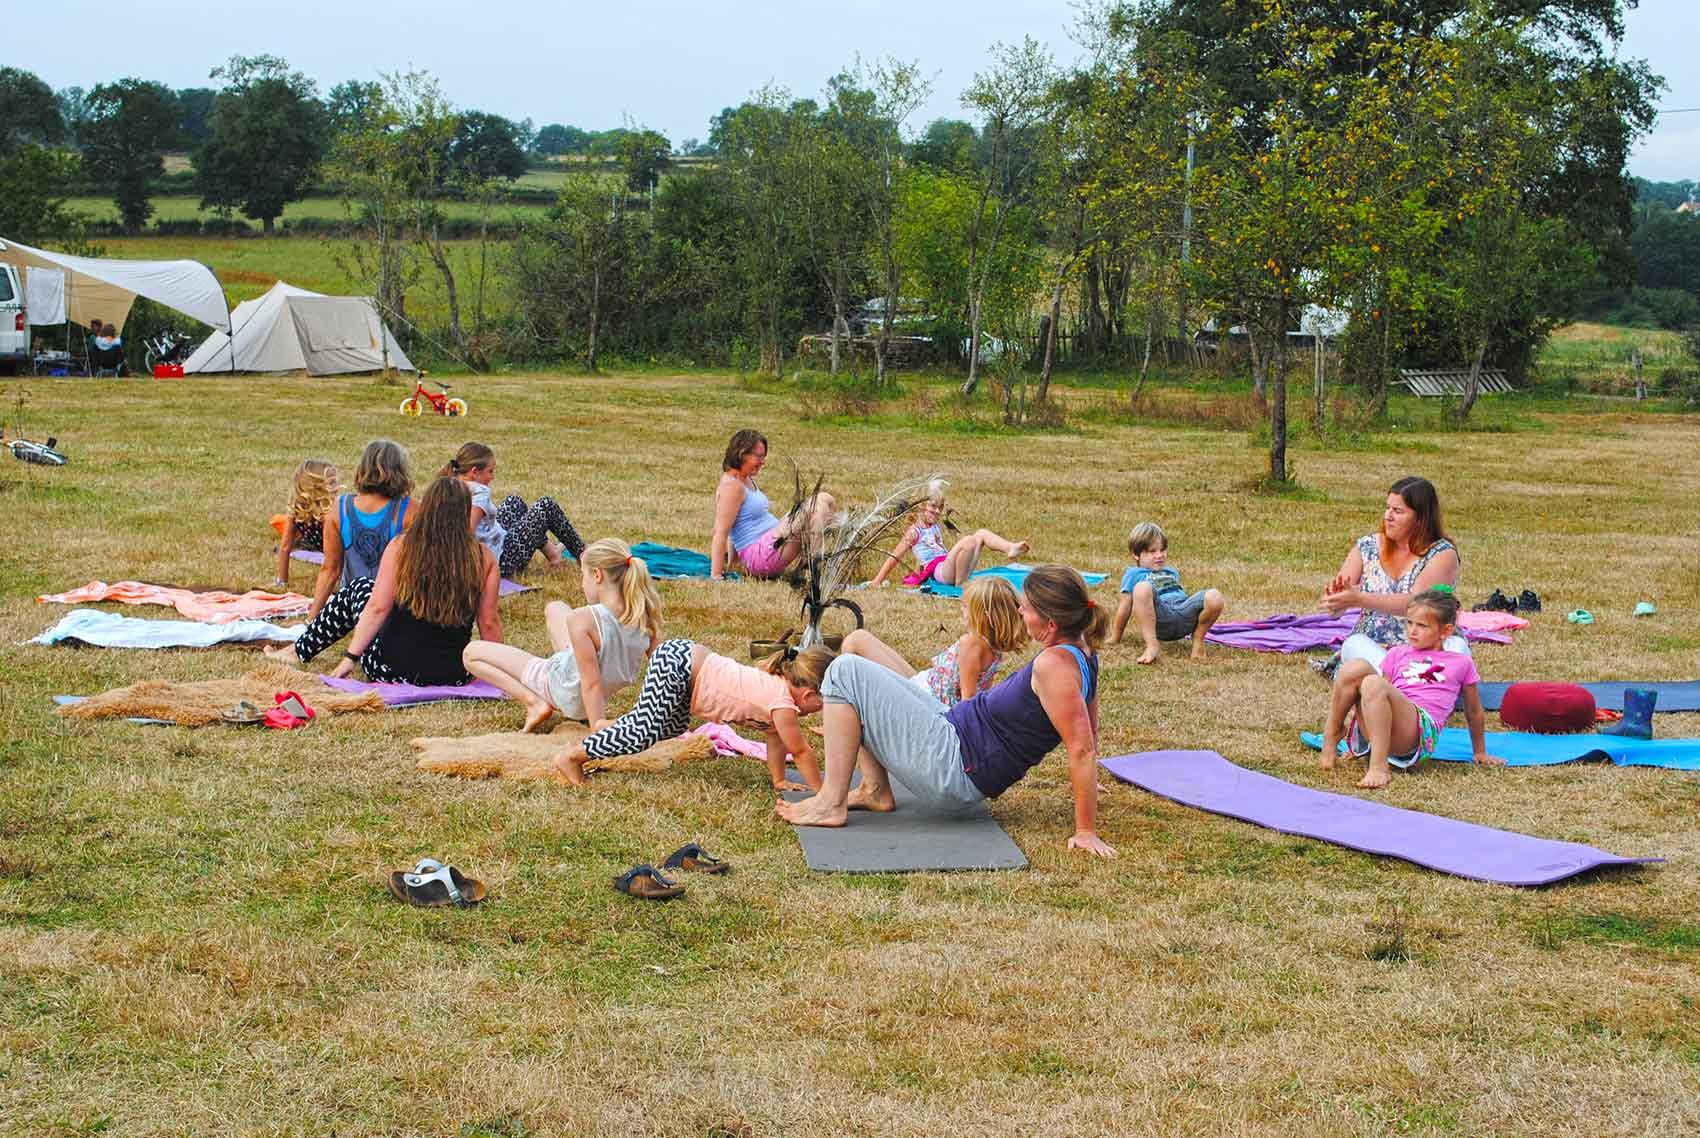 Activiteiten, yoga, ontspannen met de hele familie